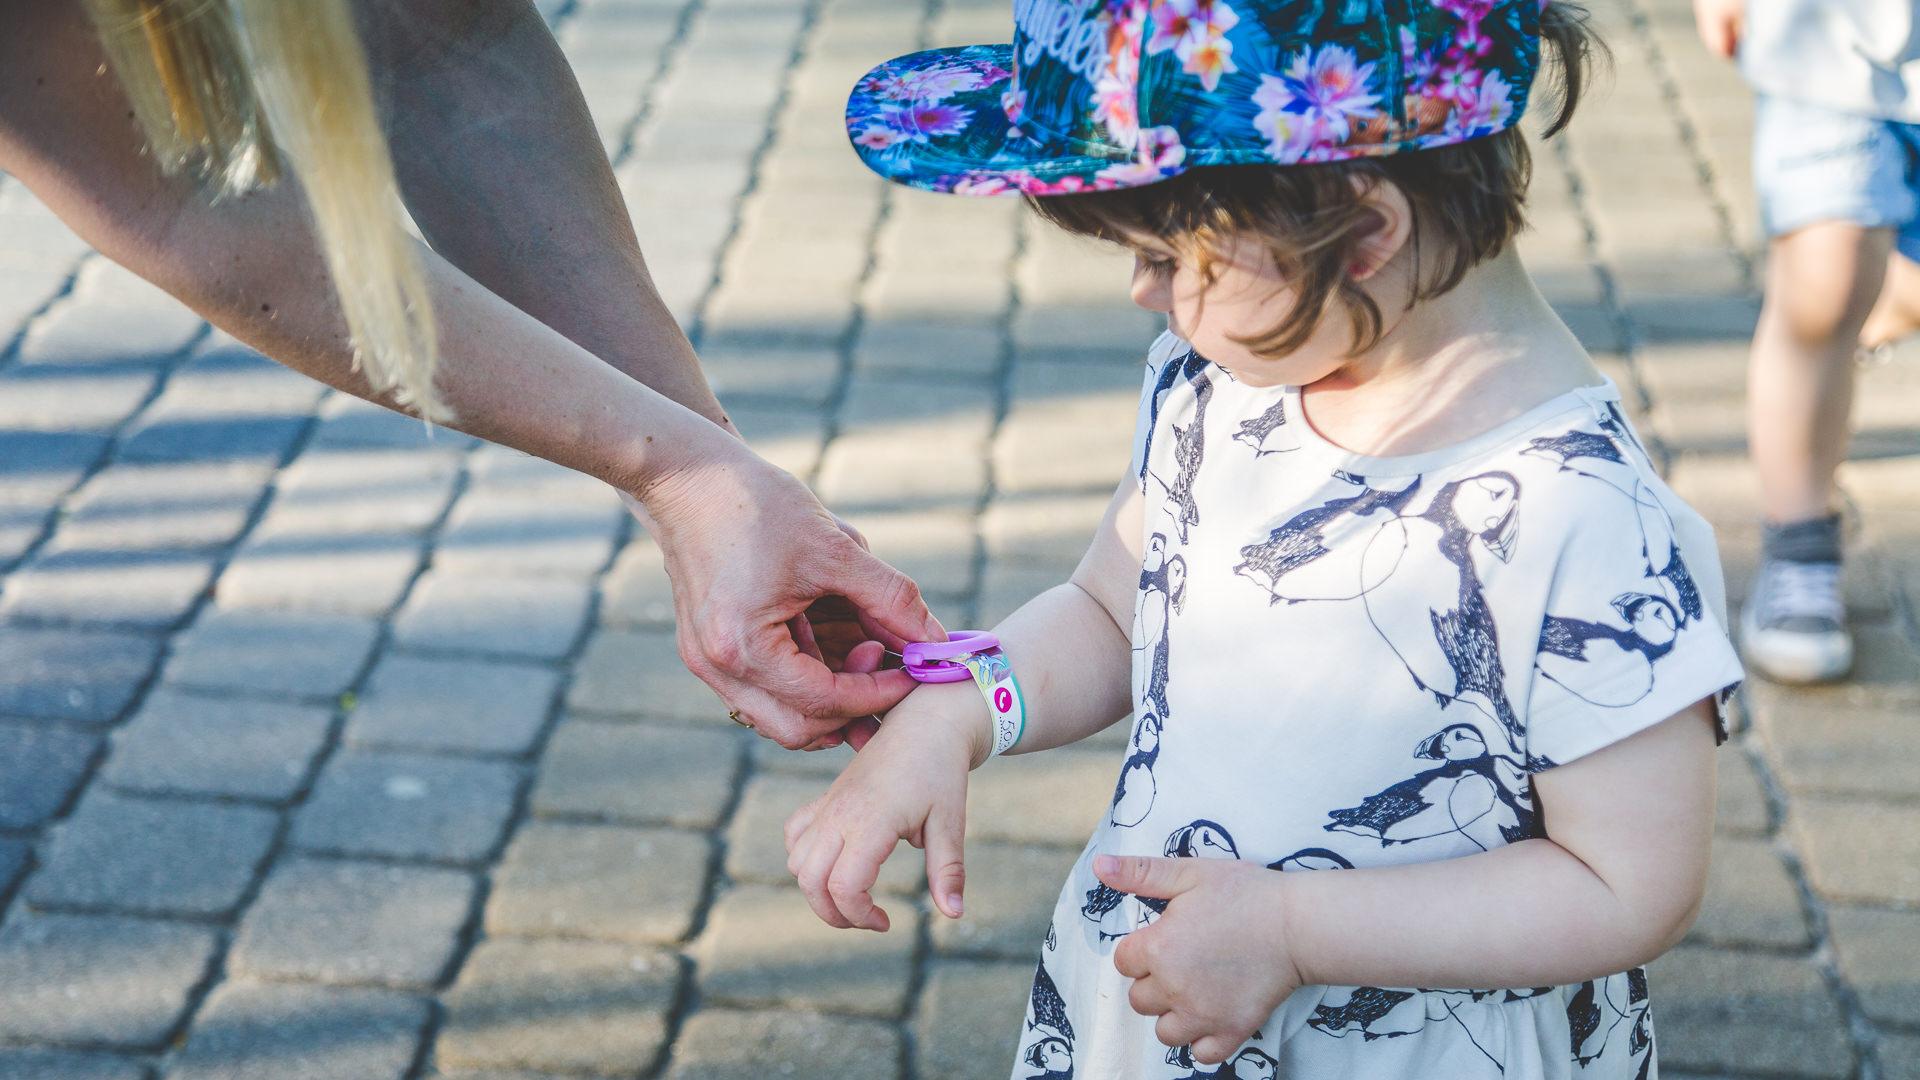 Opaska niezgubka, czyli lokalizator dla dziecka na wakacje